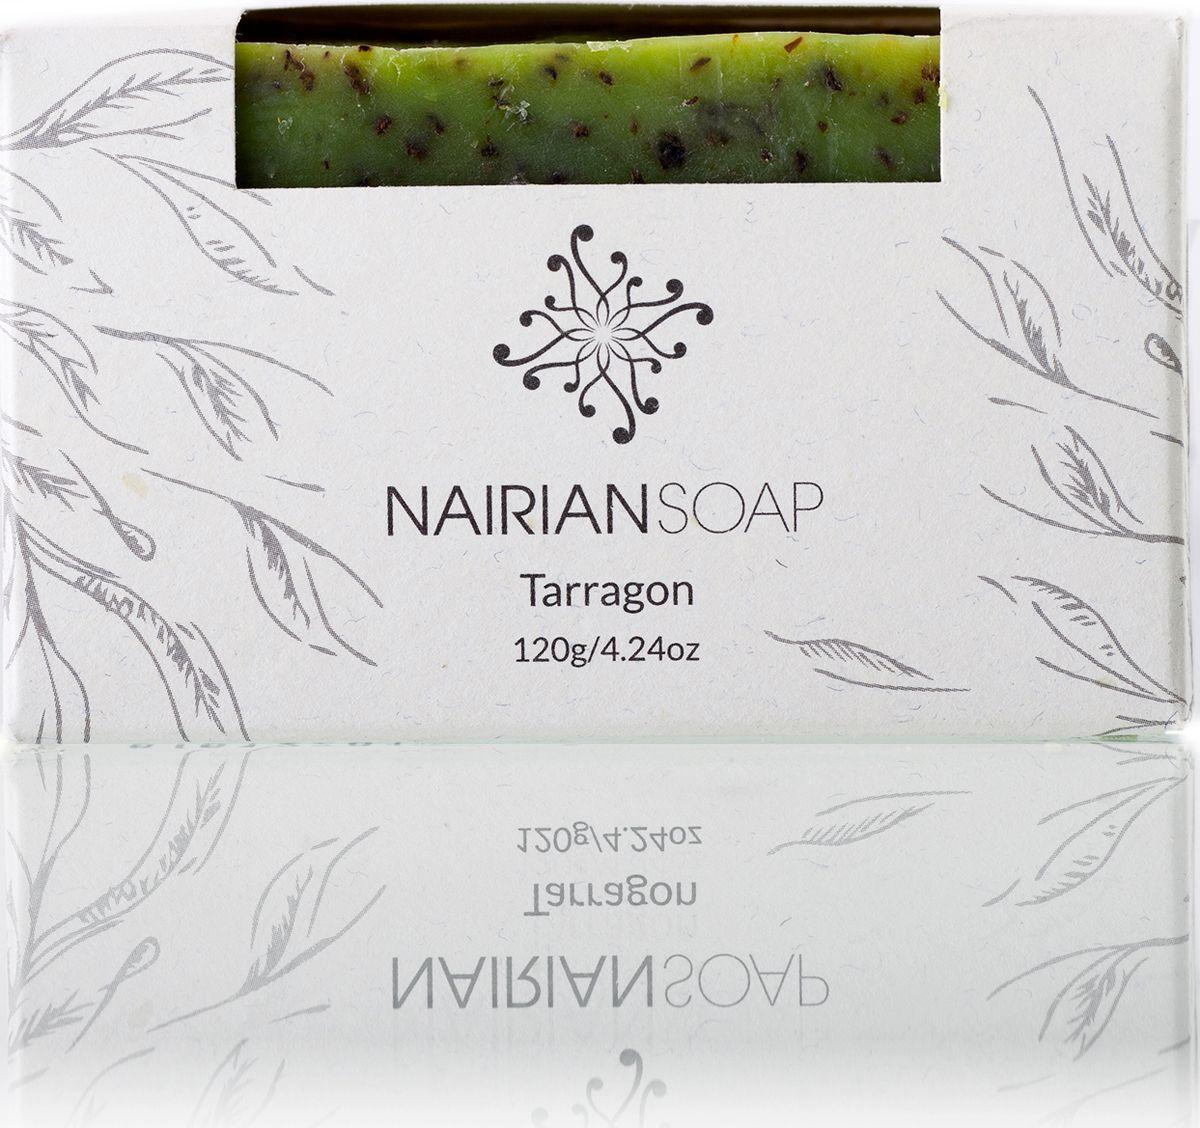 Nairian Мыло, тархун, 120 г406239851Ароматное мыло с кусочками сушеного тархуна, которые превращают его в превосходный скраб для тела. Благодаря аромату тархуна и его способности препятствовать развитию бактерий на коже успешно устраняет неприятные запахи. Масло виноградных косточек повышает тонус и увлажняет кожу, повышая её эластичность.